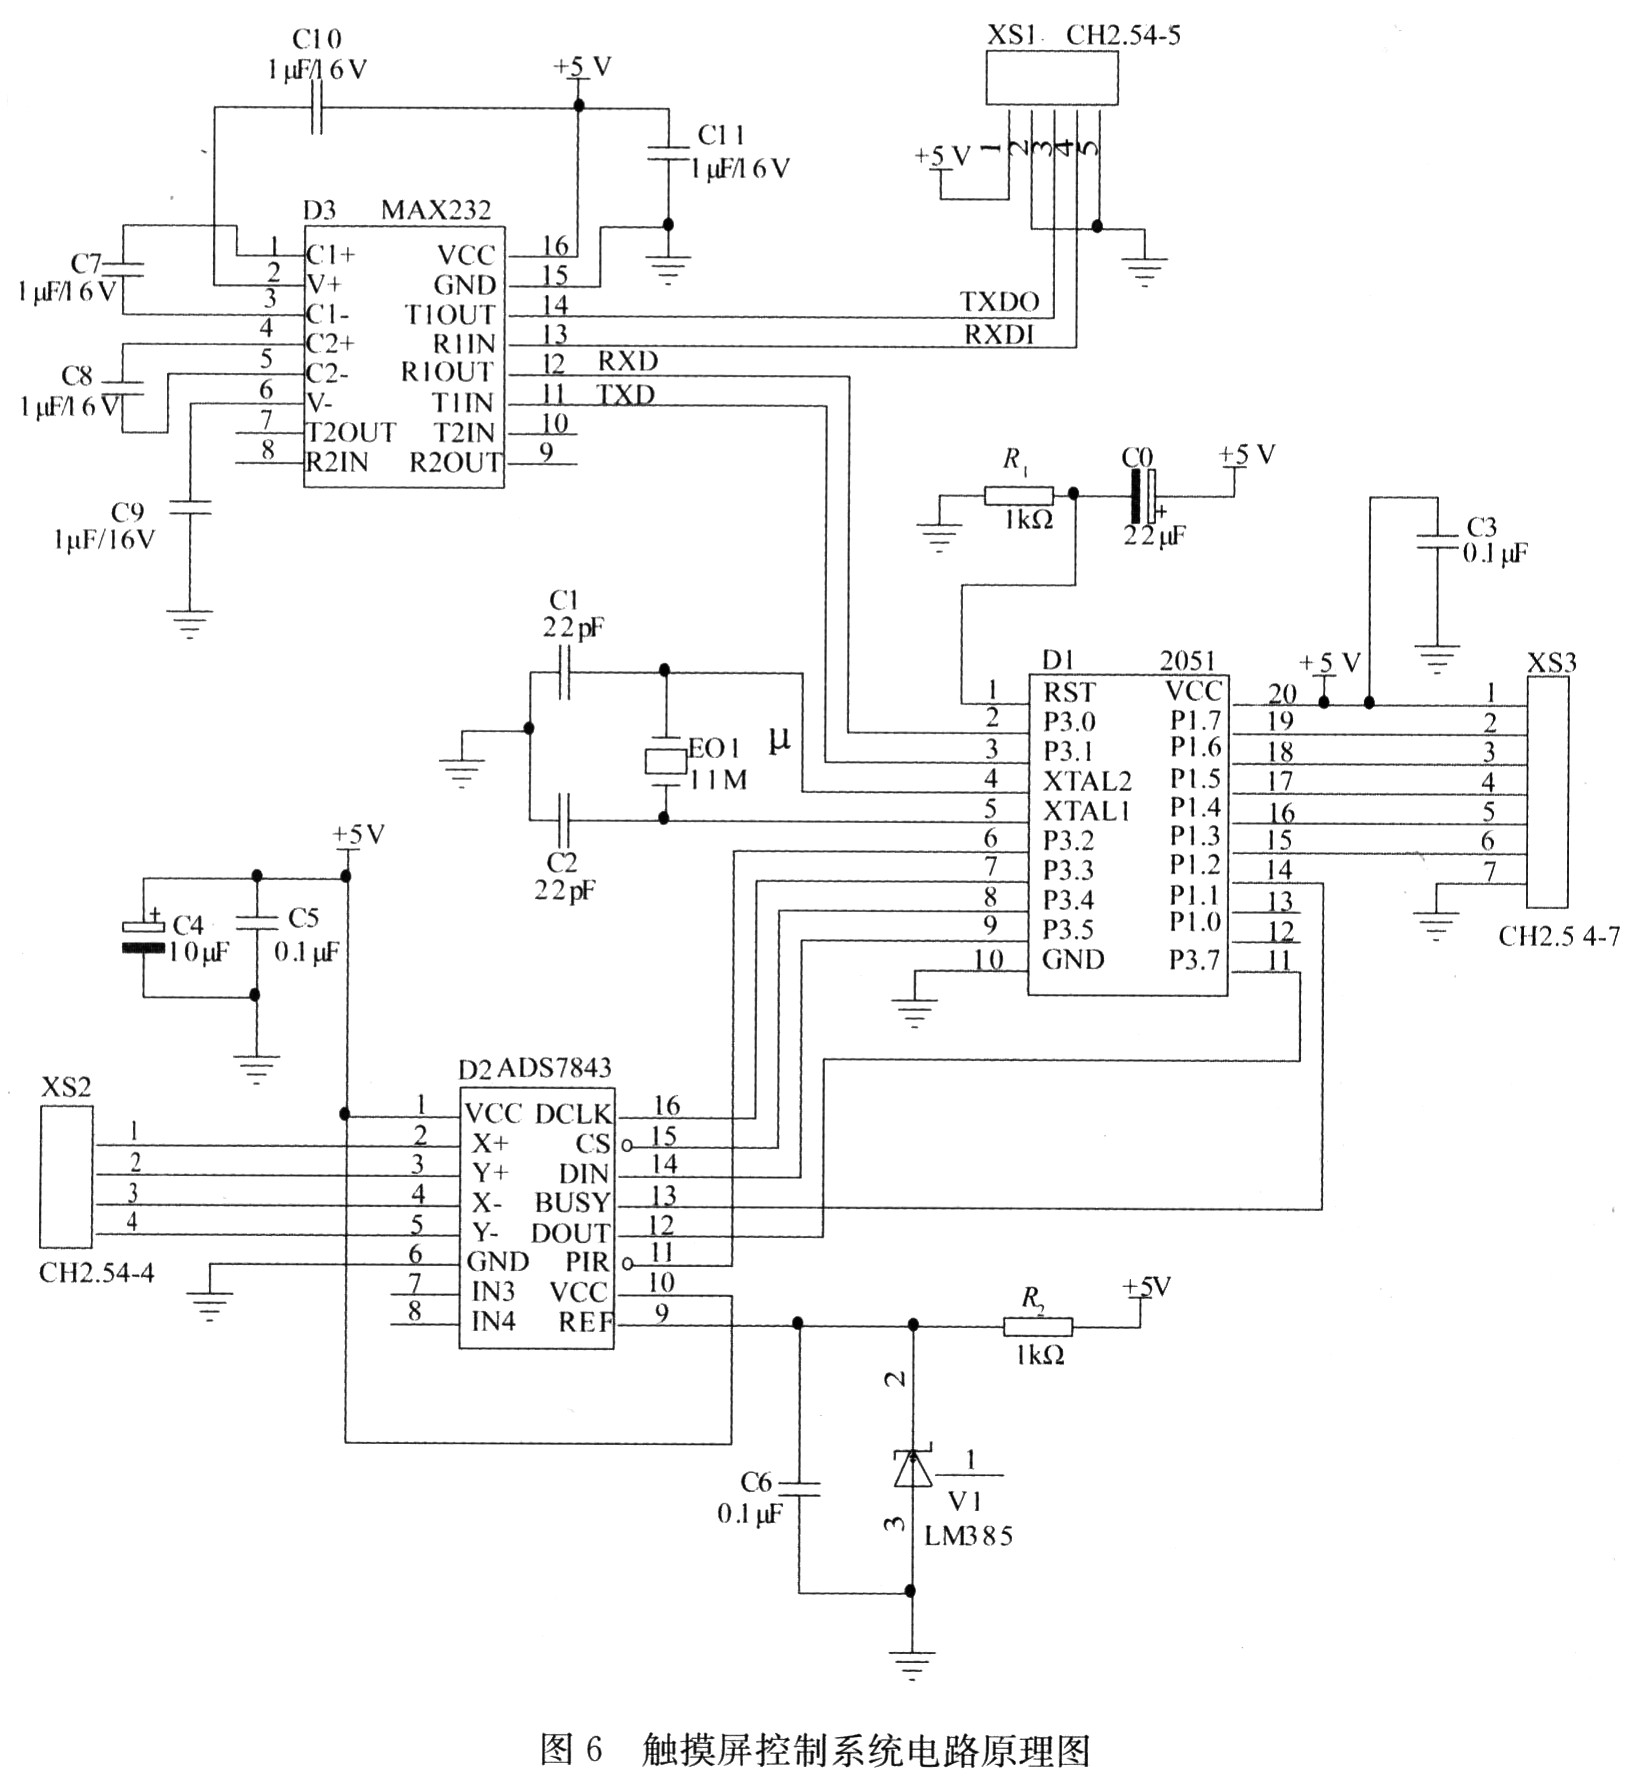 基于单片机at89c2051的触摸屏控制器设计方案        根据硬件电路